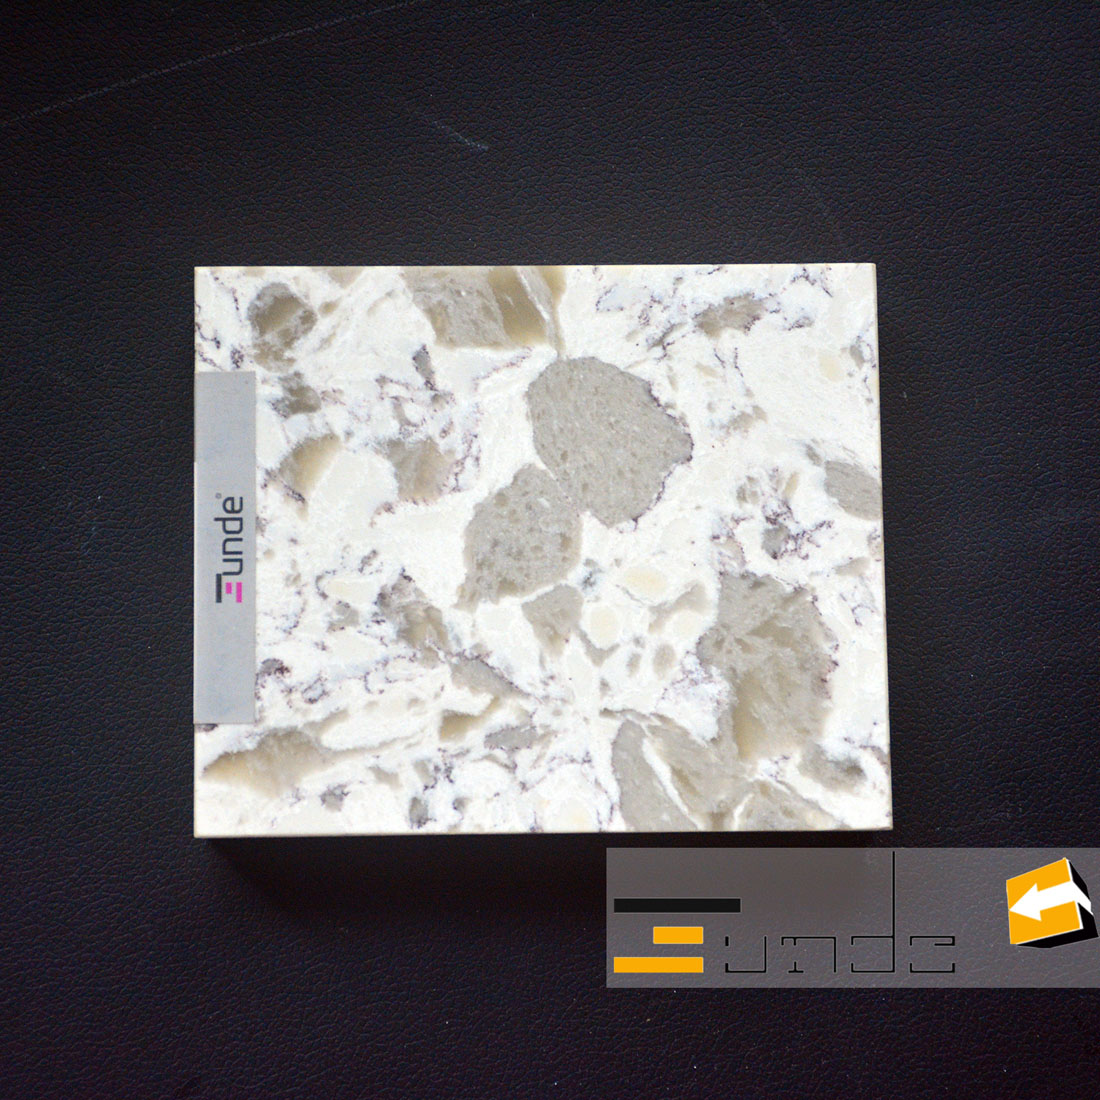 calacatta white quartz stone sample jd416-3